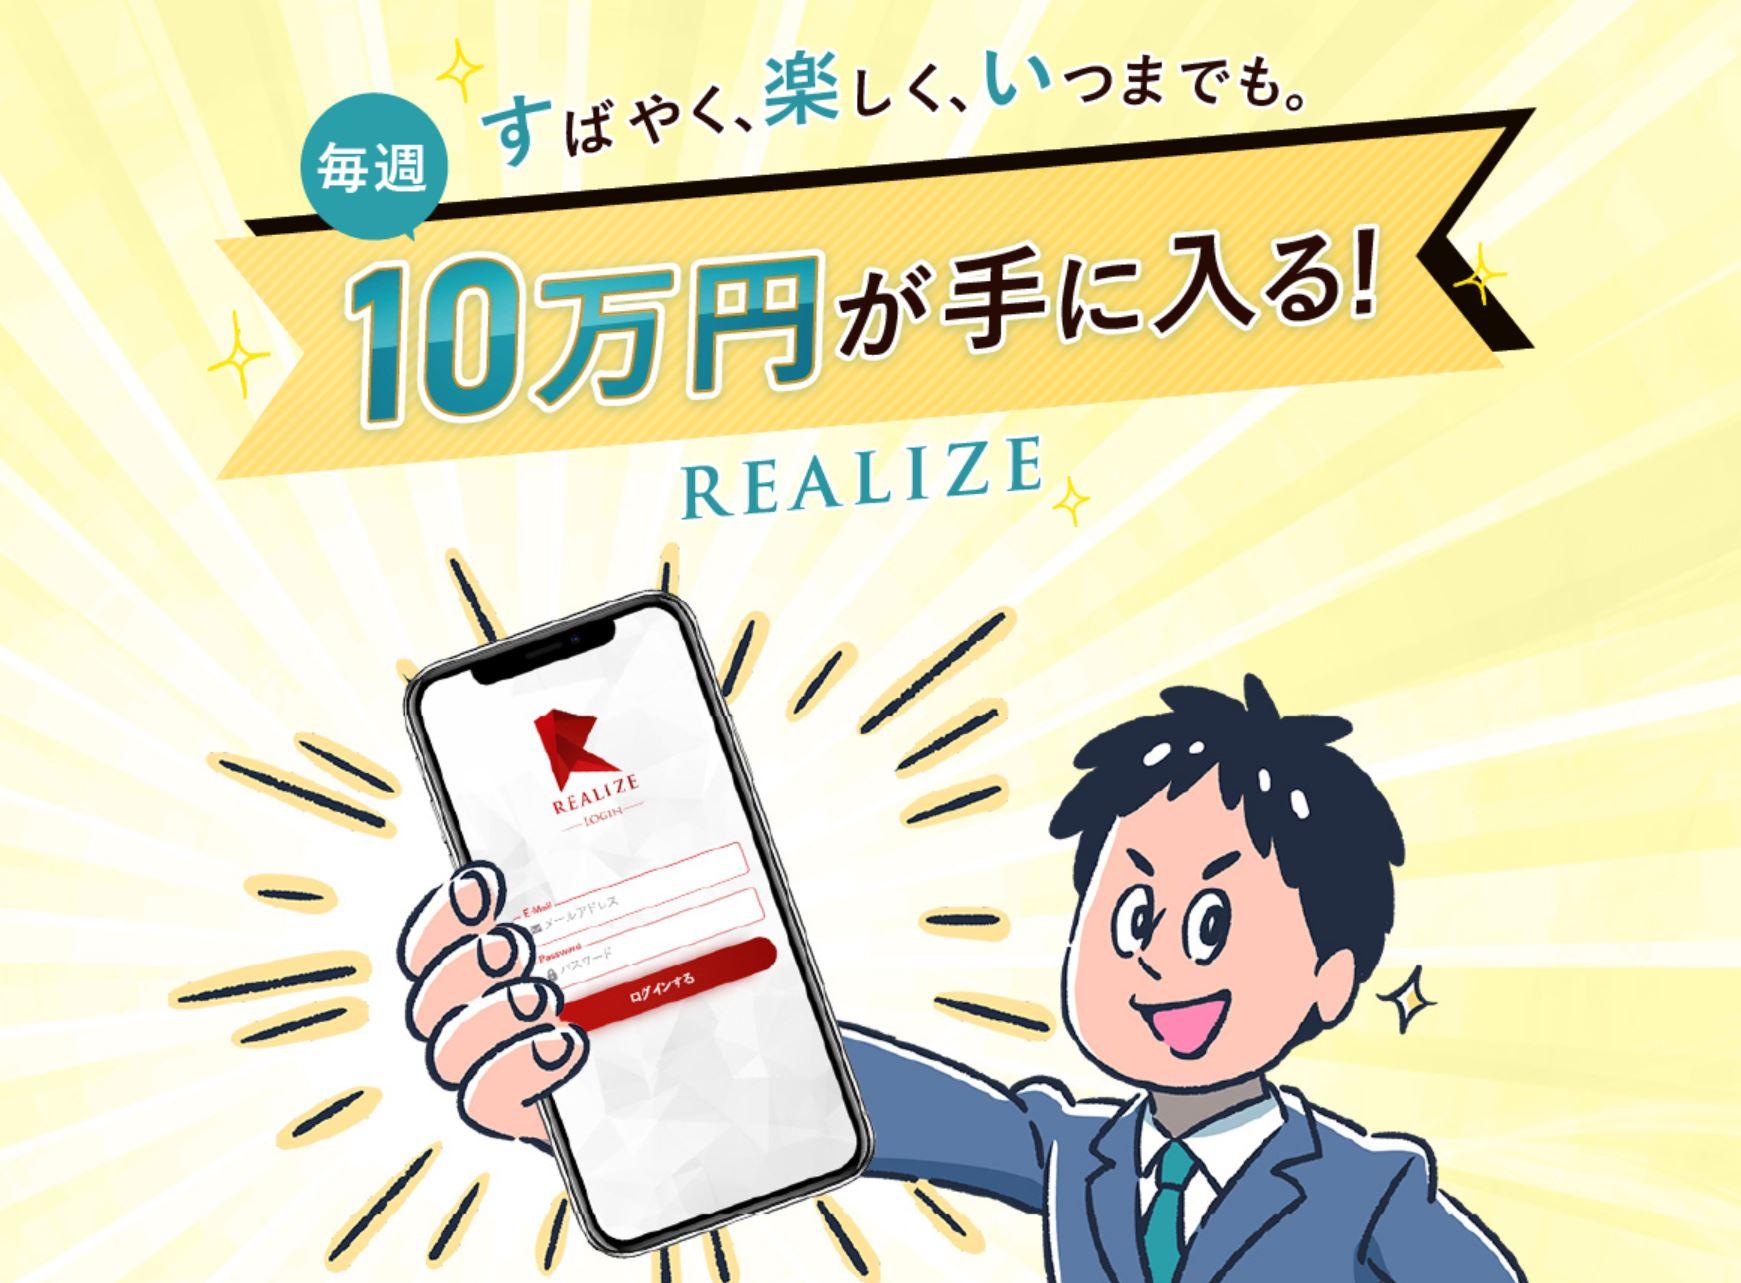 デモサイトに惑わされないで REALIZE 毎週10万円は本当に稼げるか?